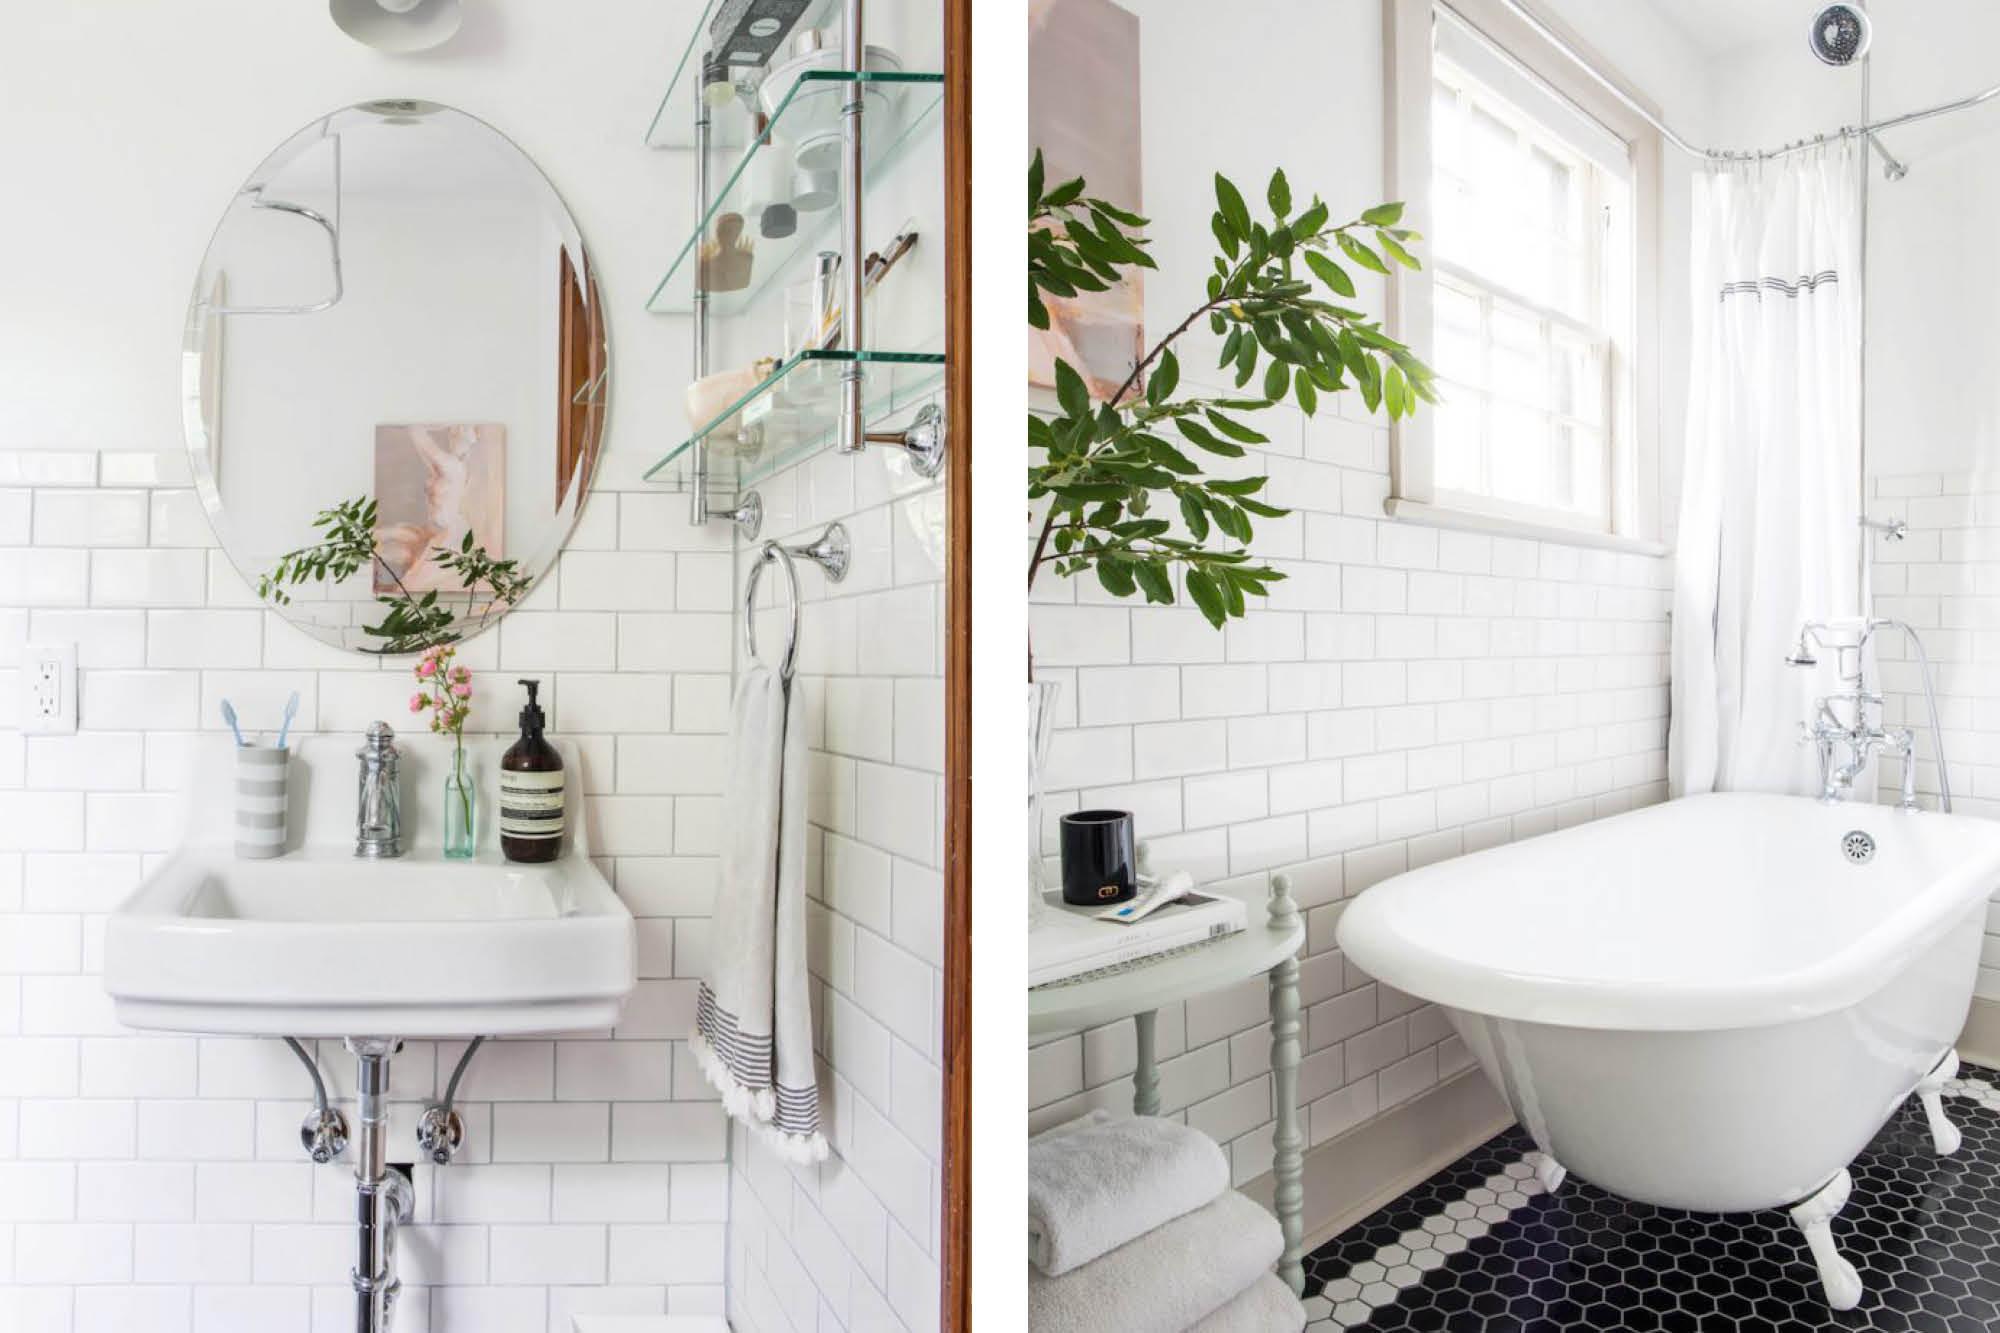 romantiskt-badrum-runda-former-honeycomb